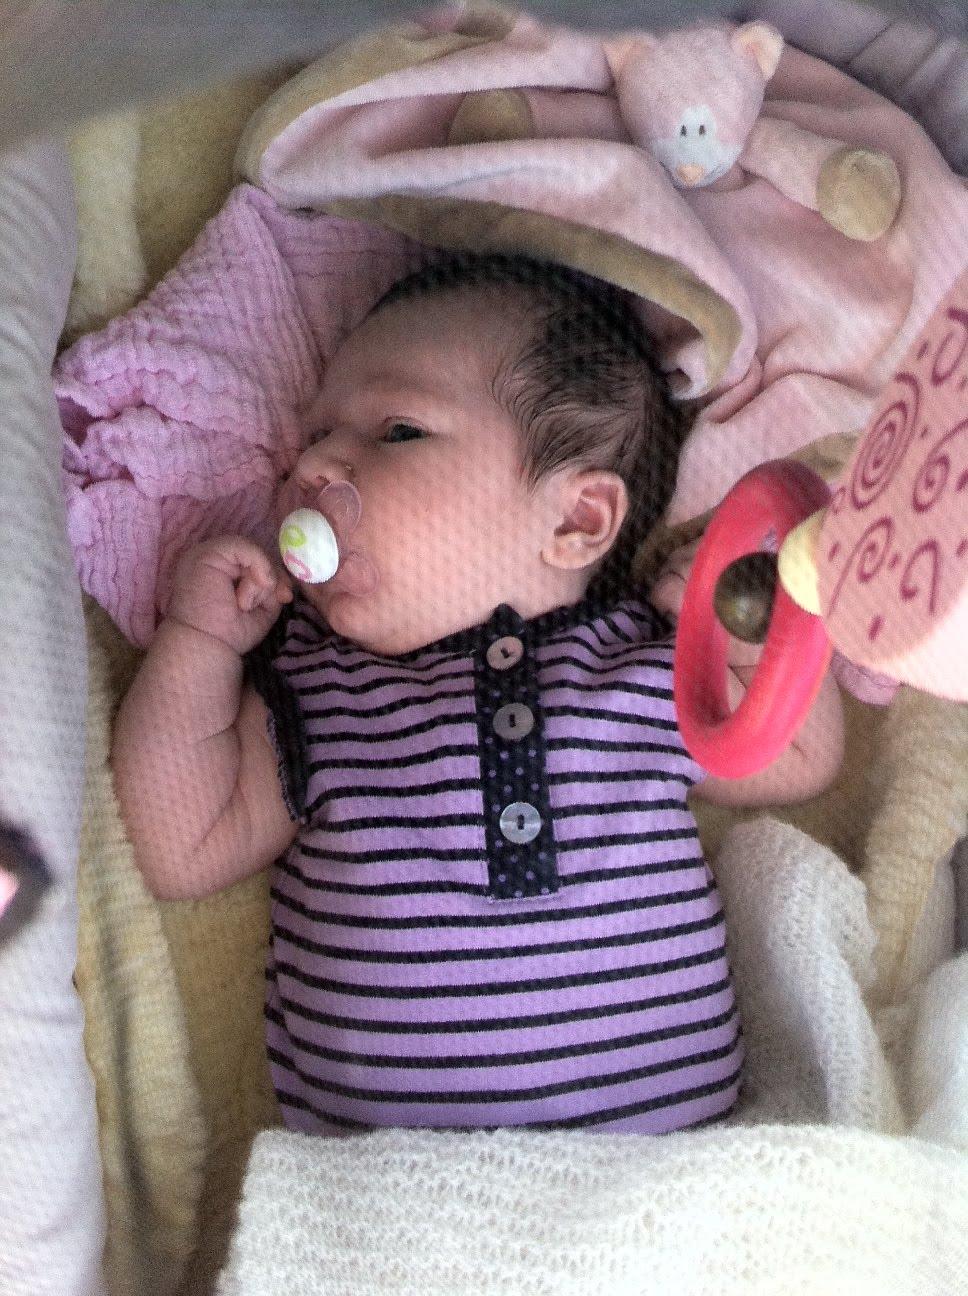 livmortappen ved tidlig graviditet vakre jenter